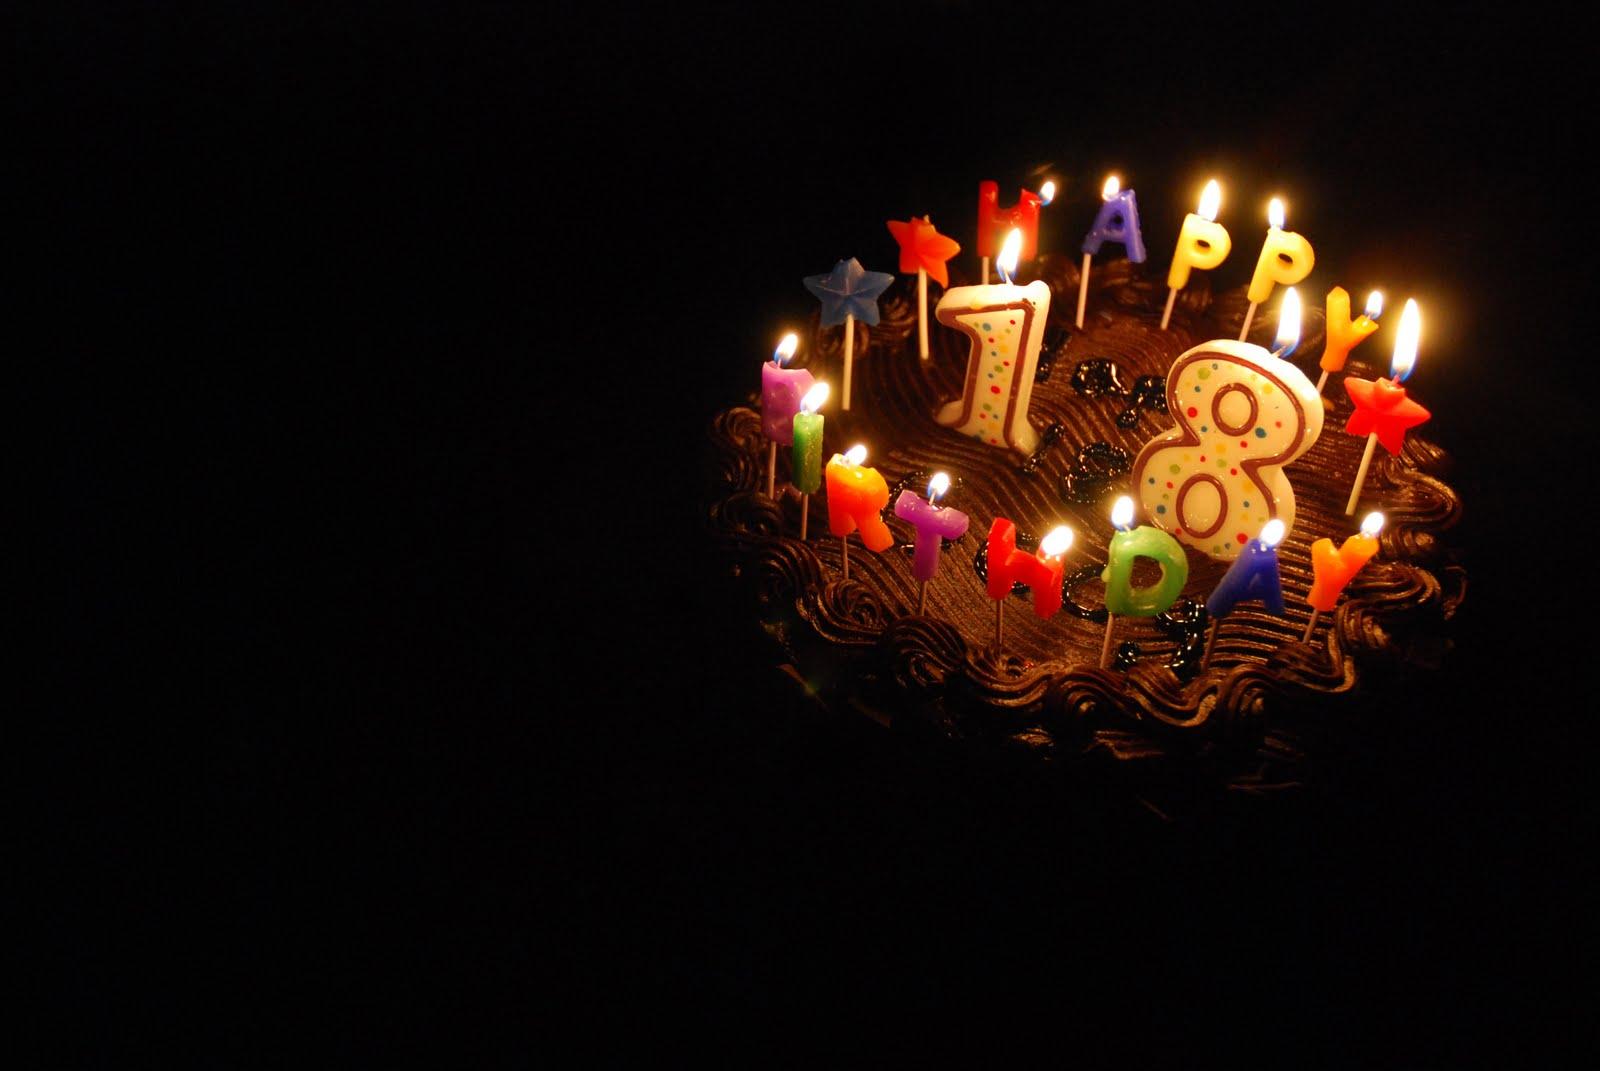 Открытка с днем рождения молодому человеку 18 лет, днем